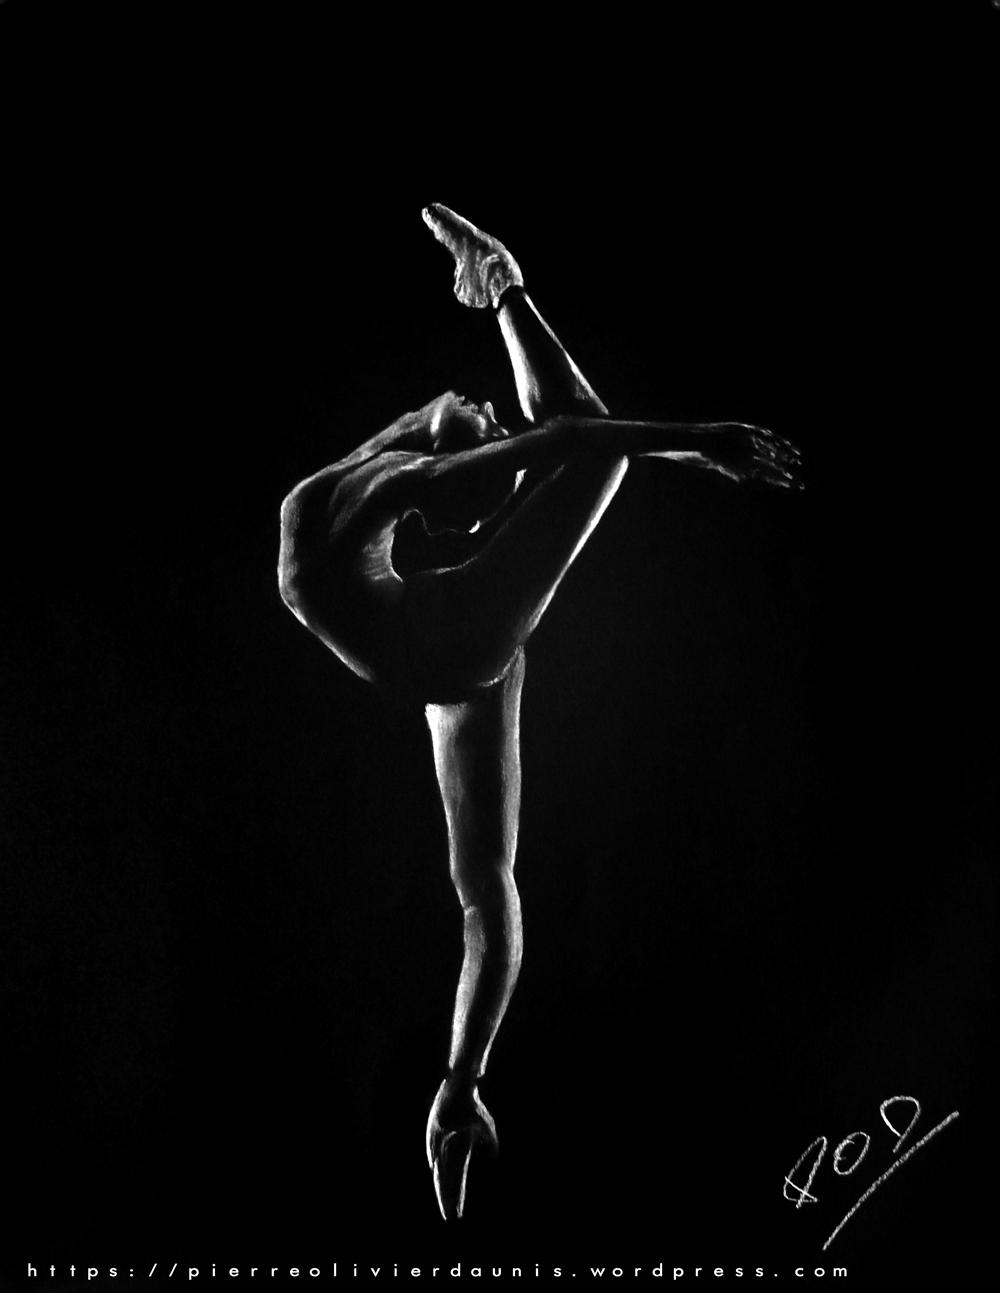 tableau danseuse au pastel sec n°8 déco design moderne contemporain au pastel sec - modern nude painting - fine art